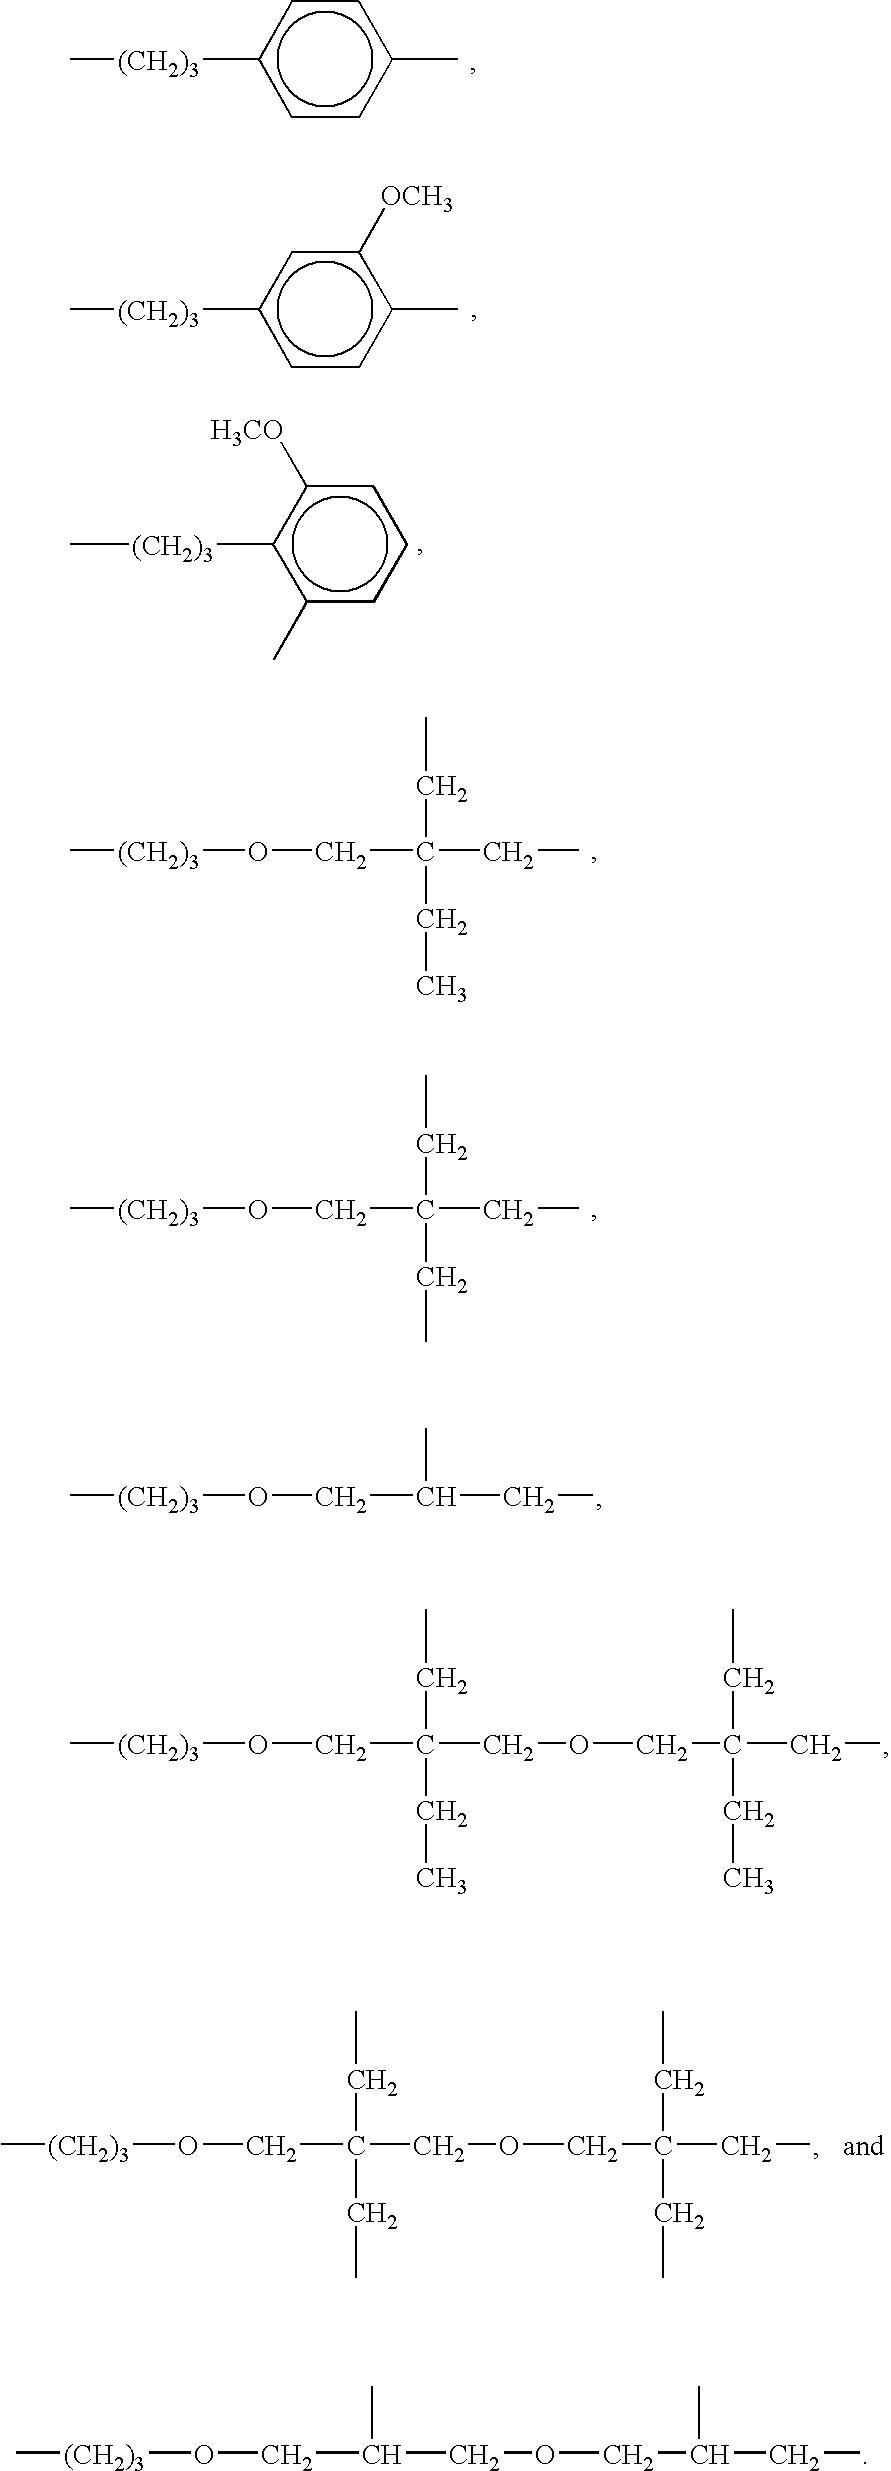 Figure US20050054769A1-20050310-C00013